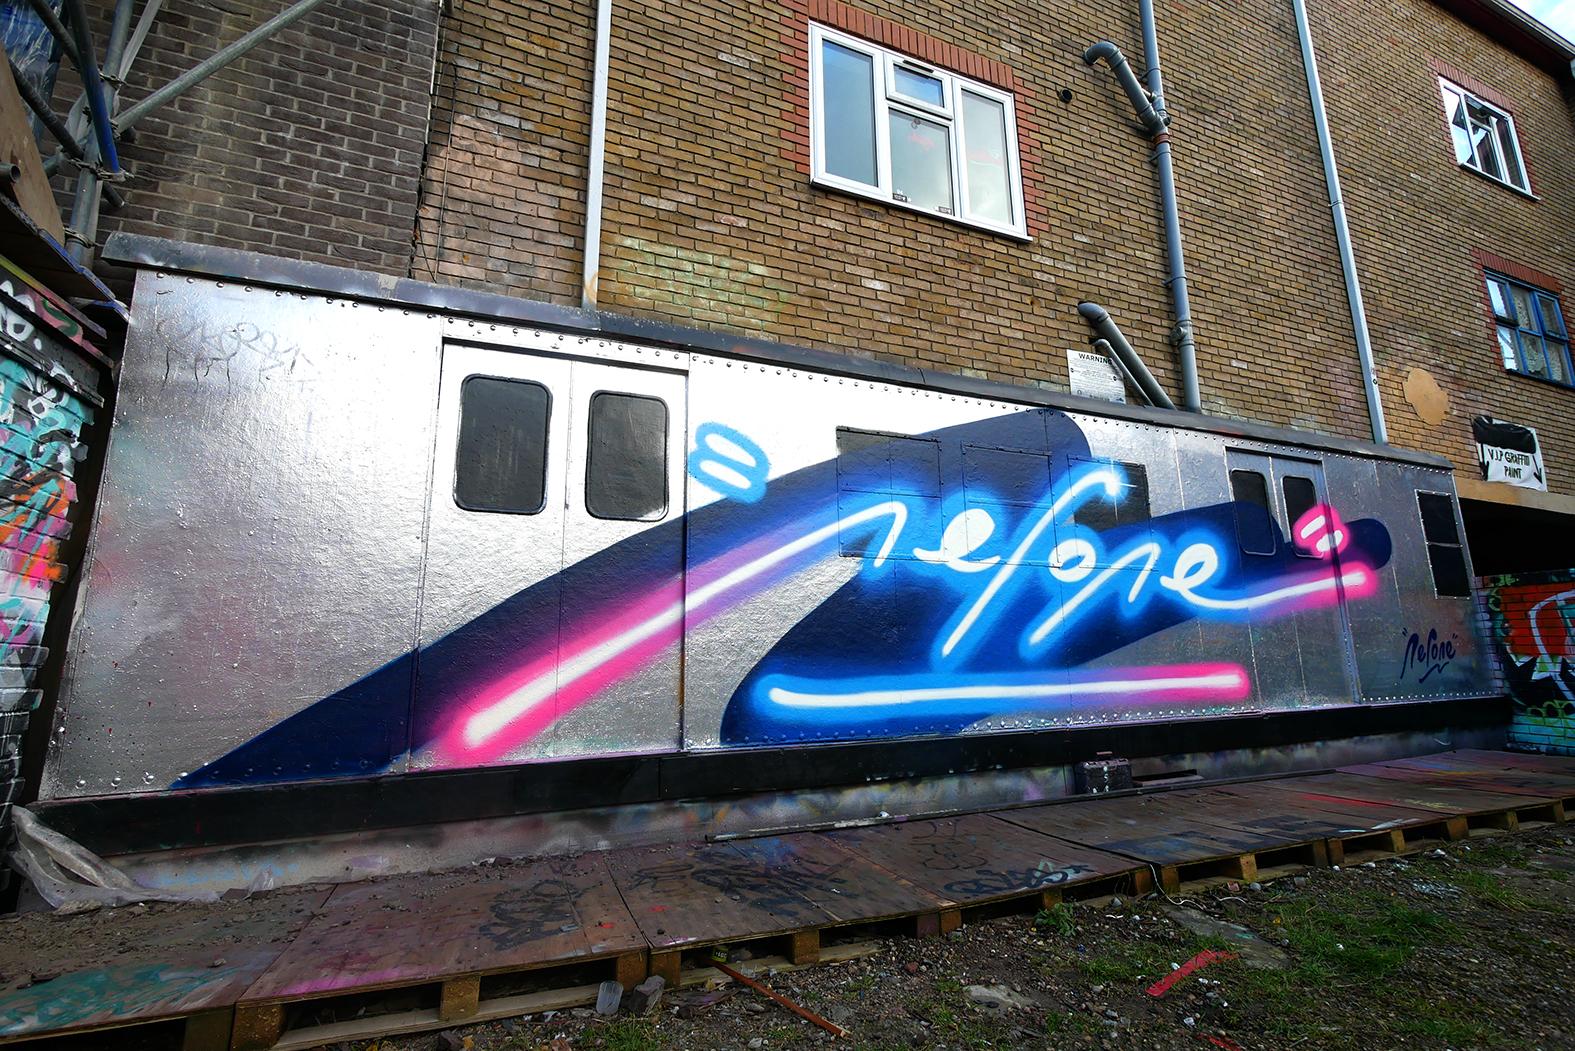 Nerone-vip-graffiti-train-1